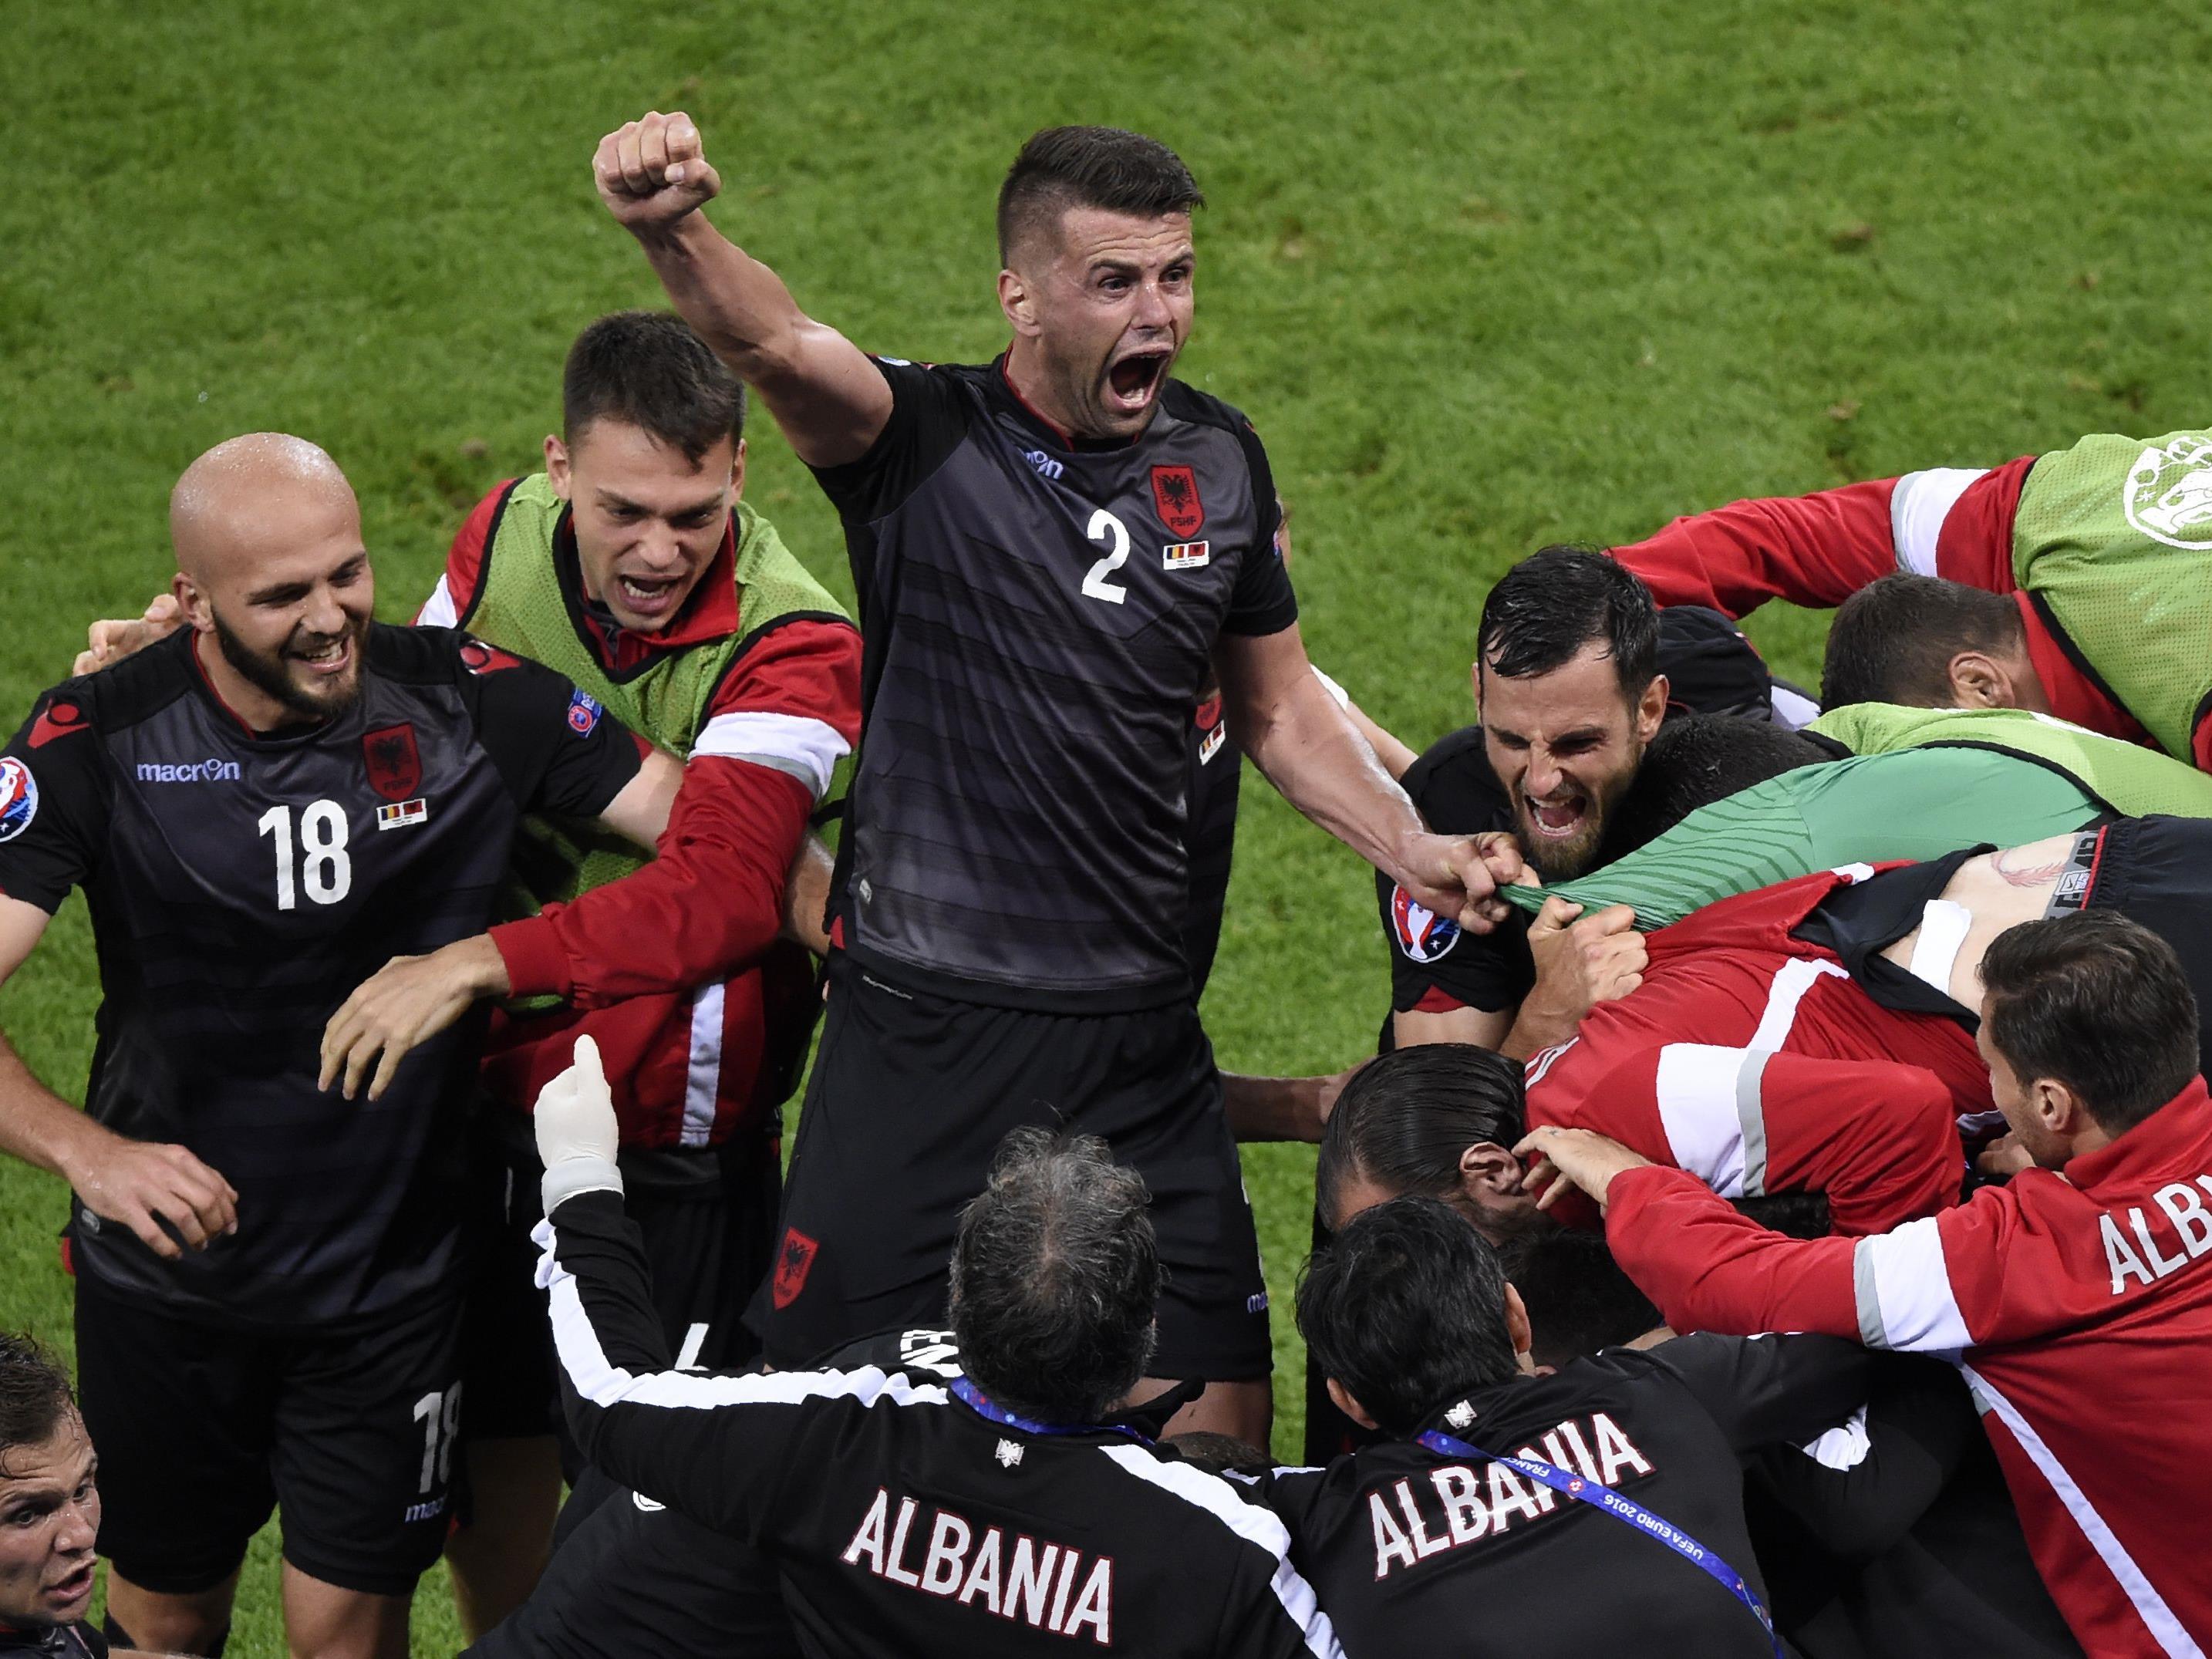 Frankreich bleibt Tabellenerster, Albanien (Bild) punktet im Entscheidungsspiel.